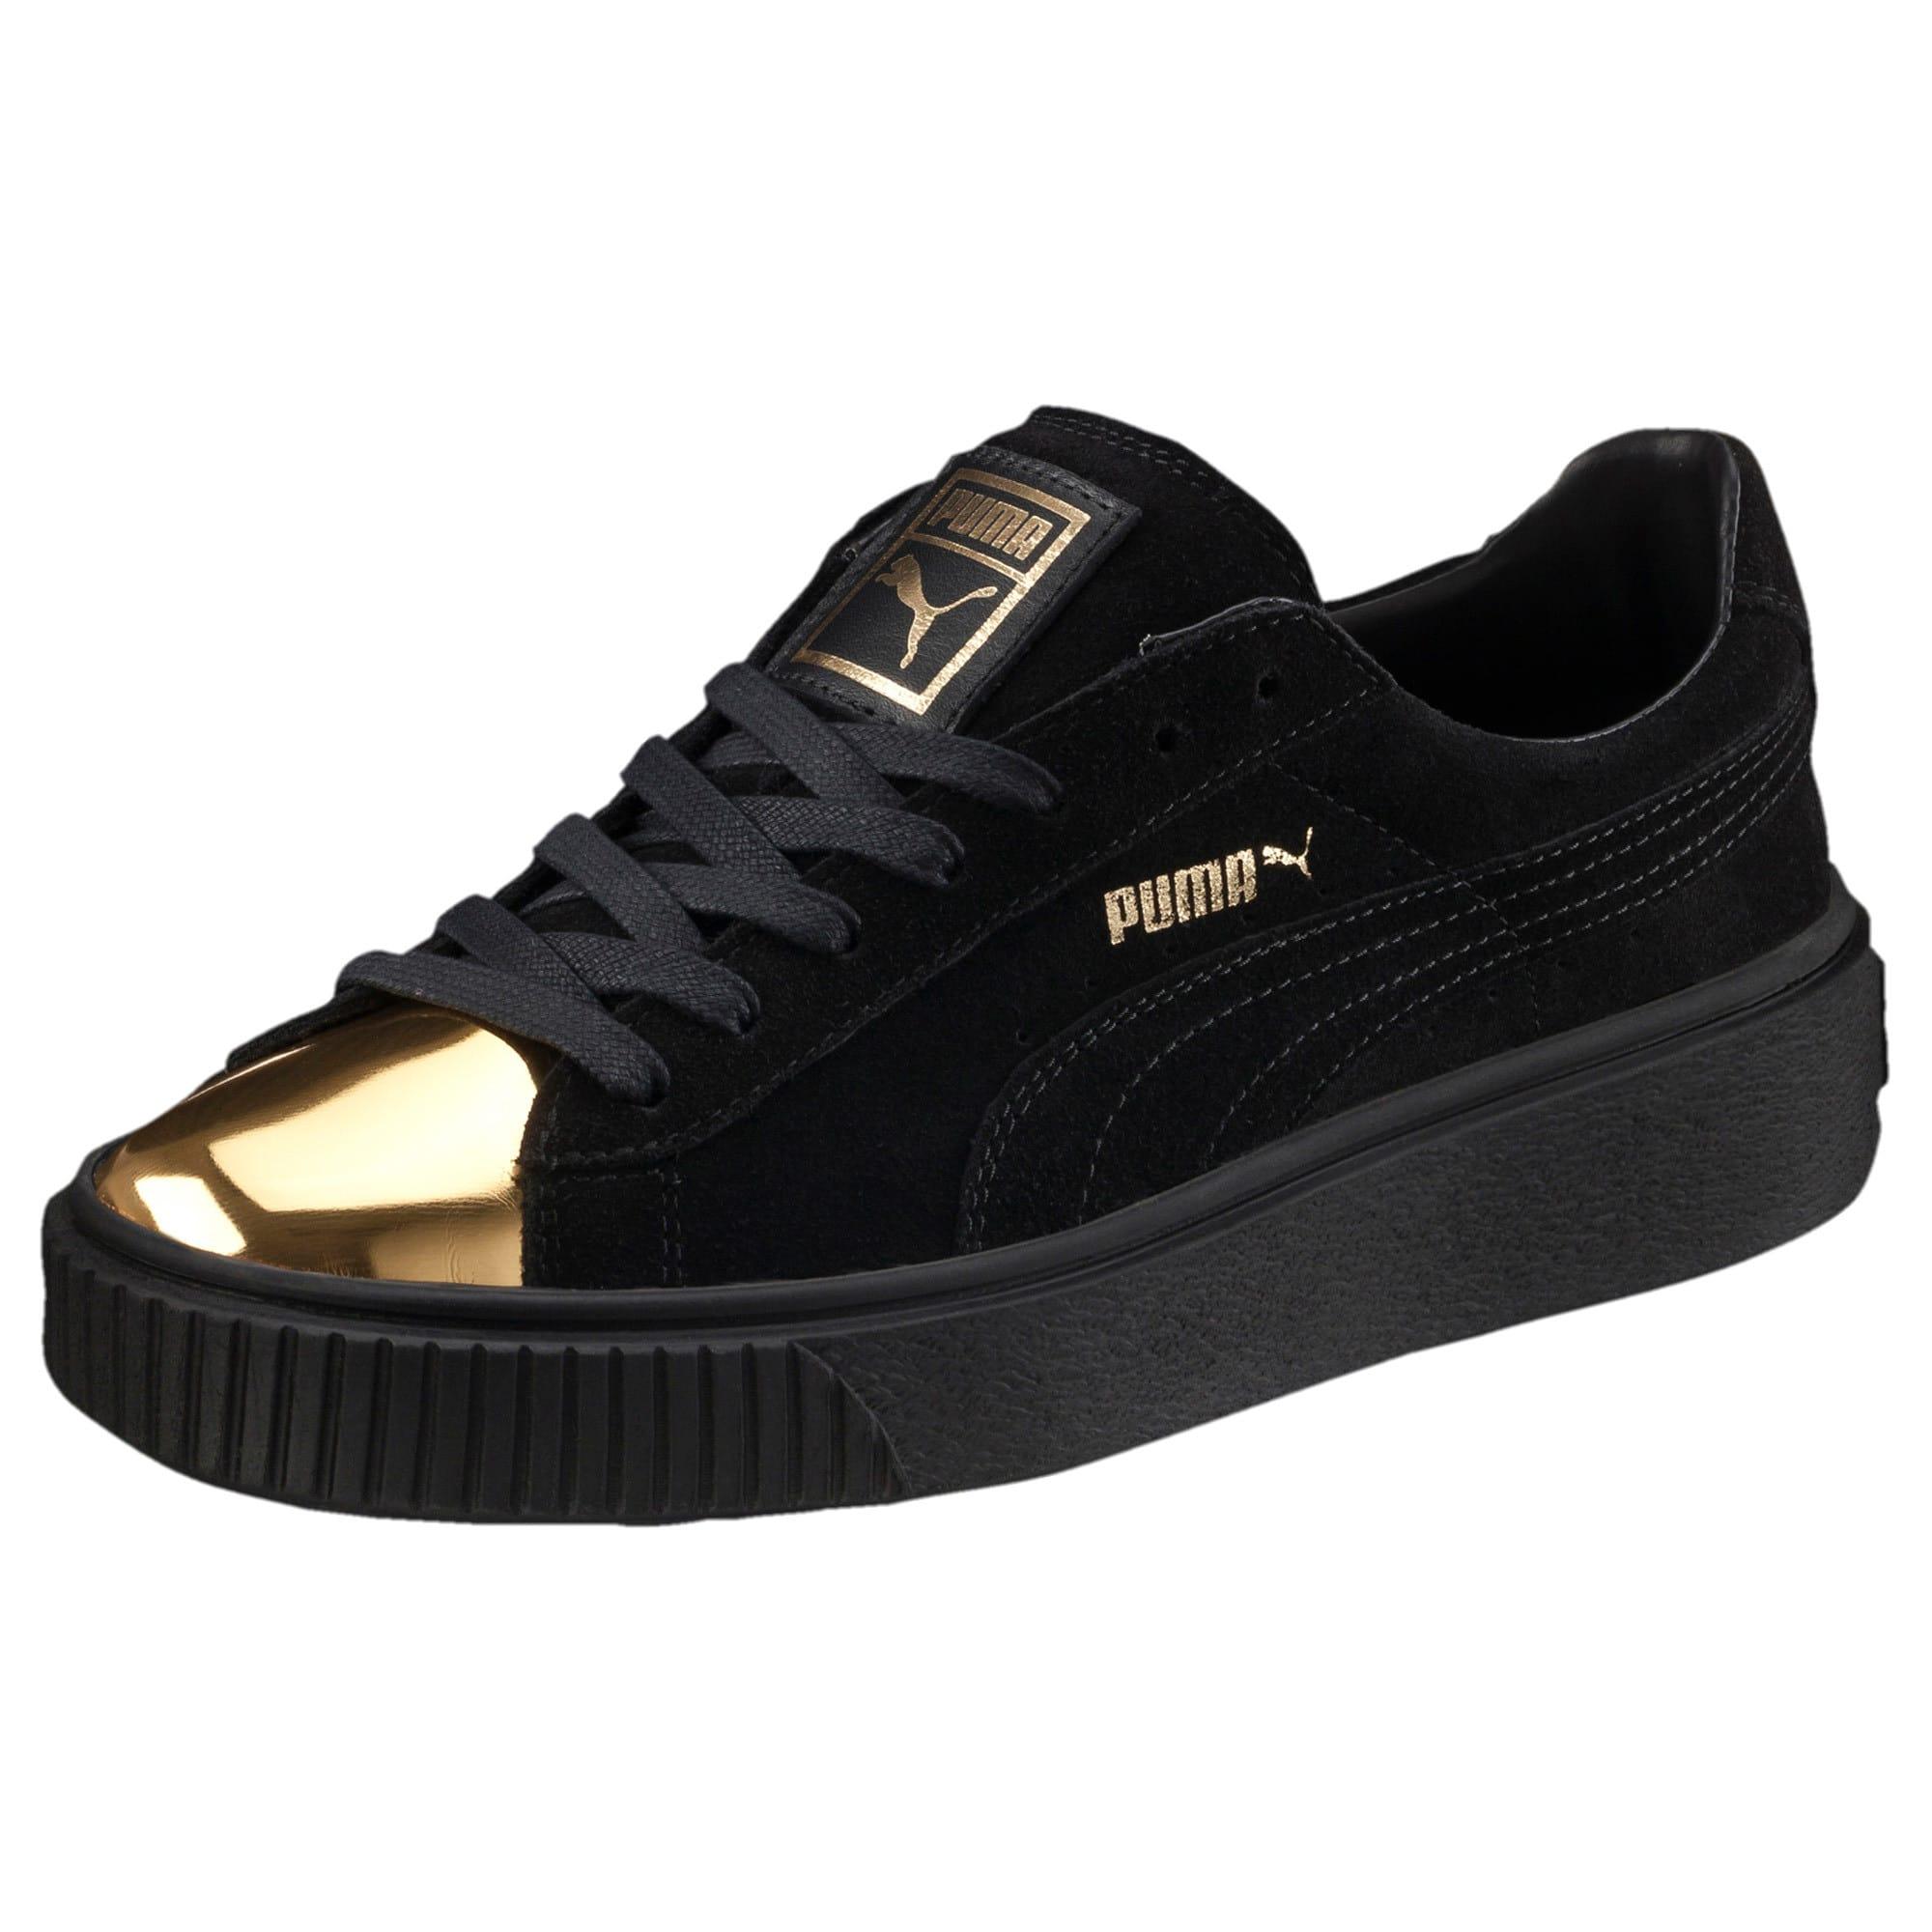 Puma Suede Platform Gold Speckled Black